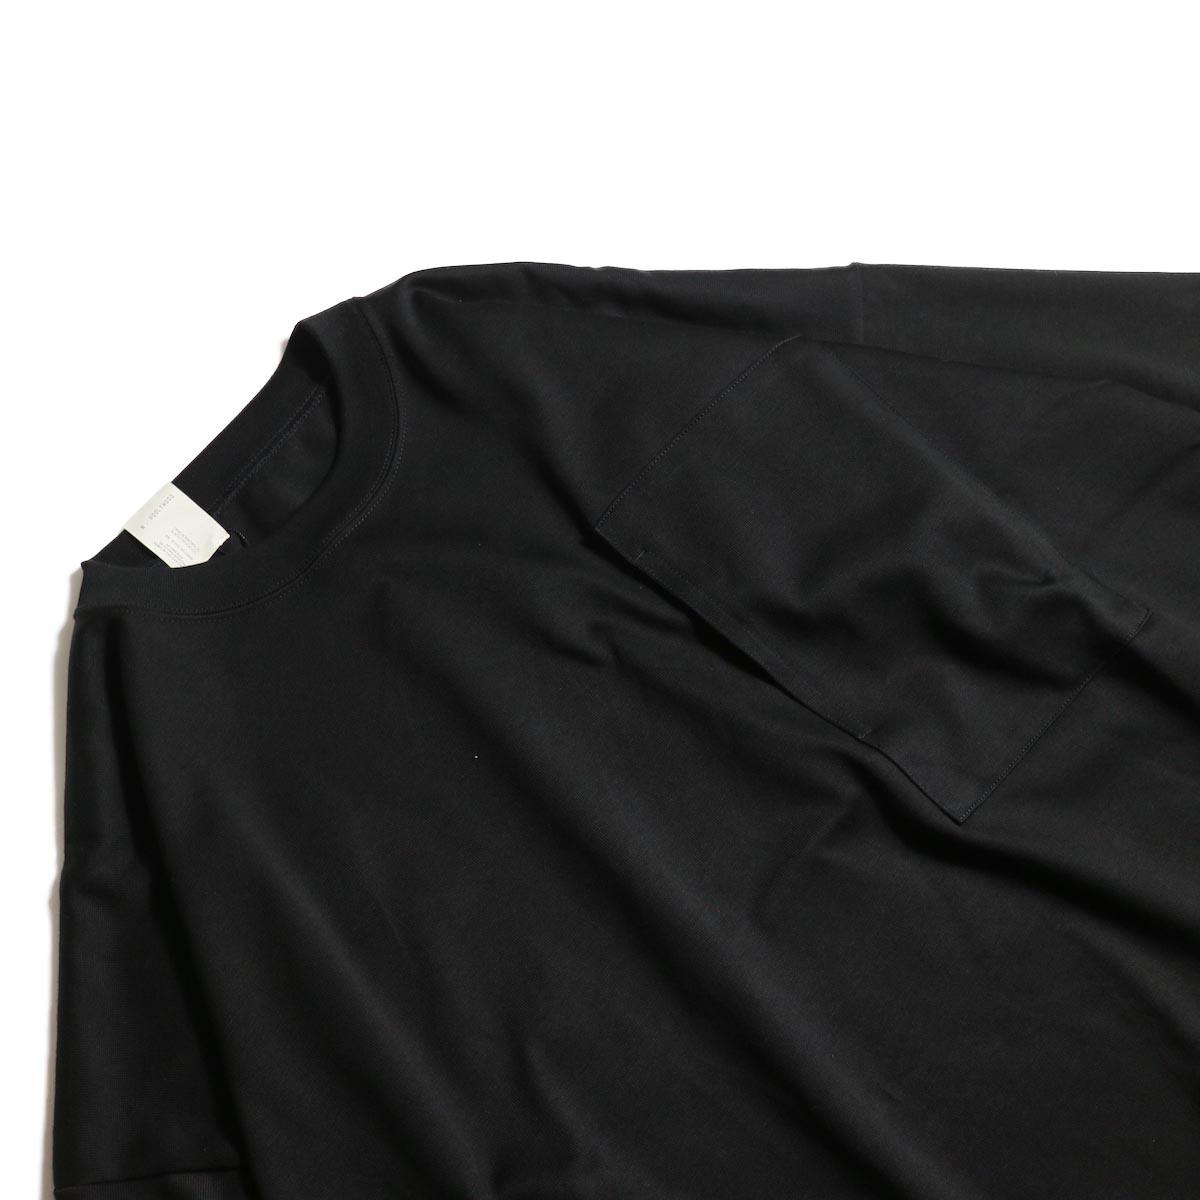 N.HOOLYWOOD / 1202-CS13-034 Big Tee (Black)首周り、ポケット